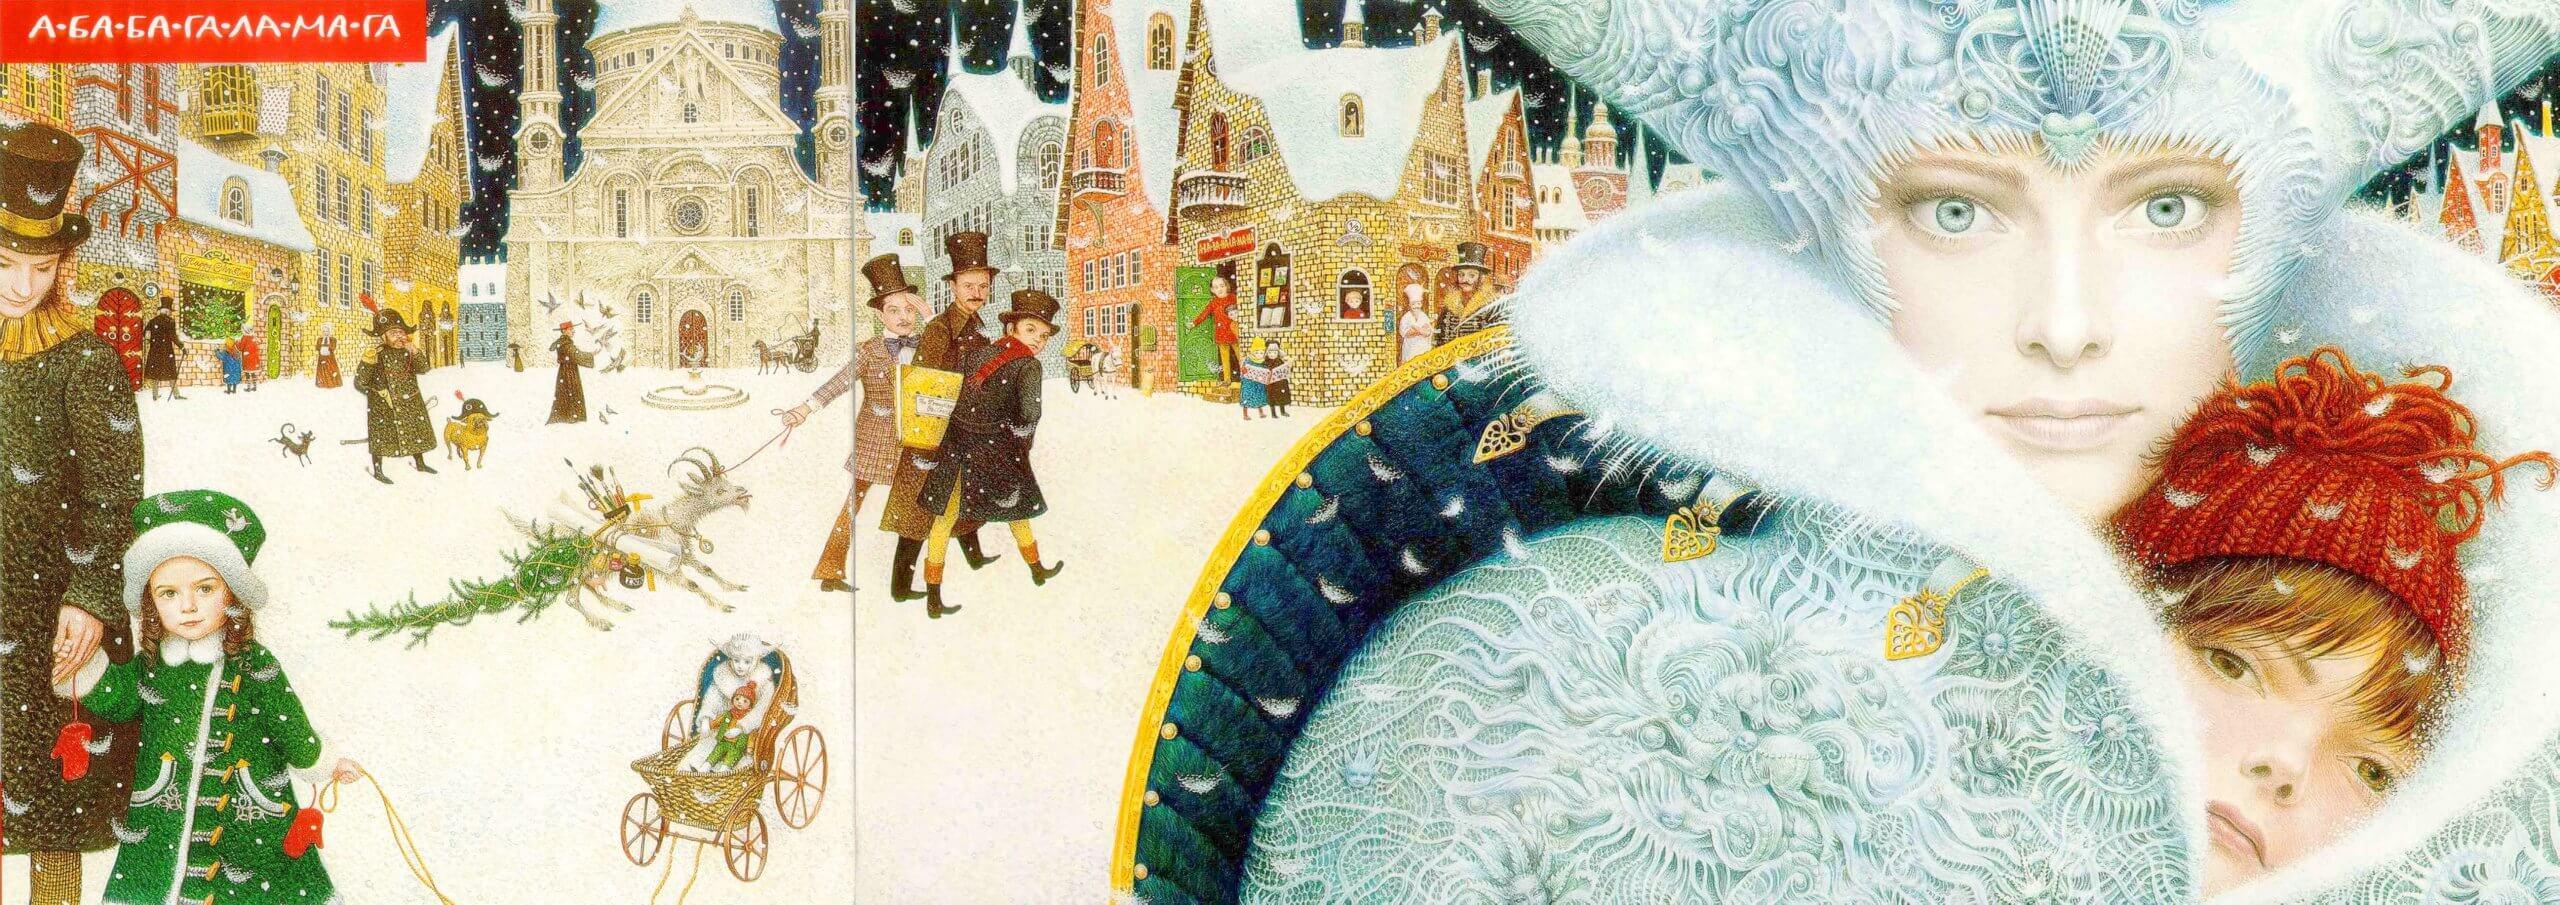 Снежная королева обнимает мальчика в красной шапке